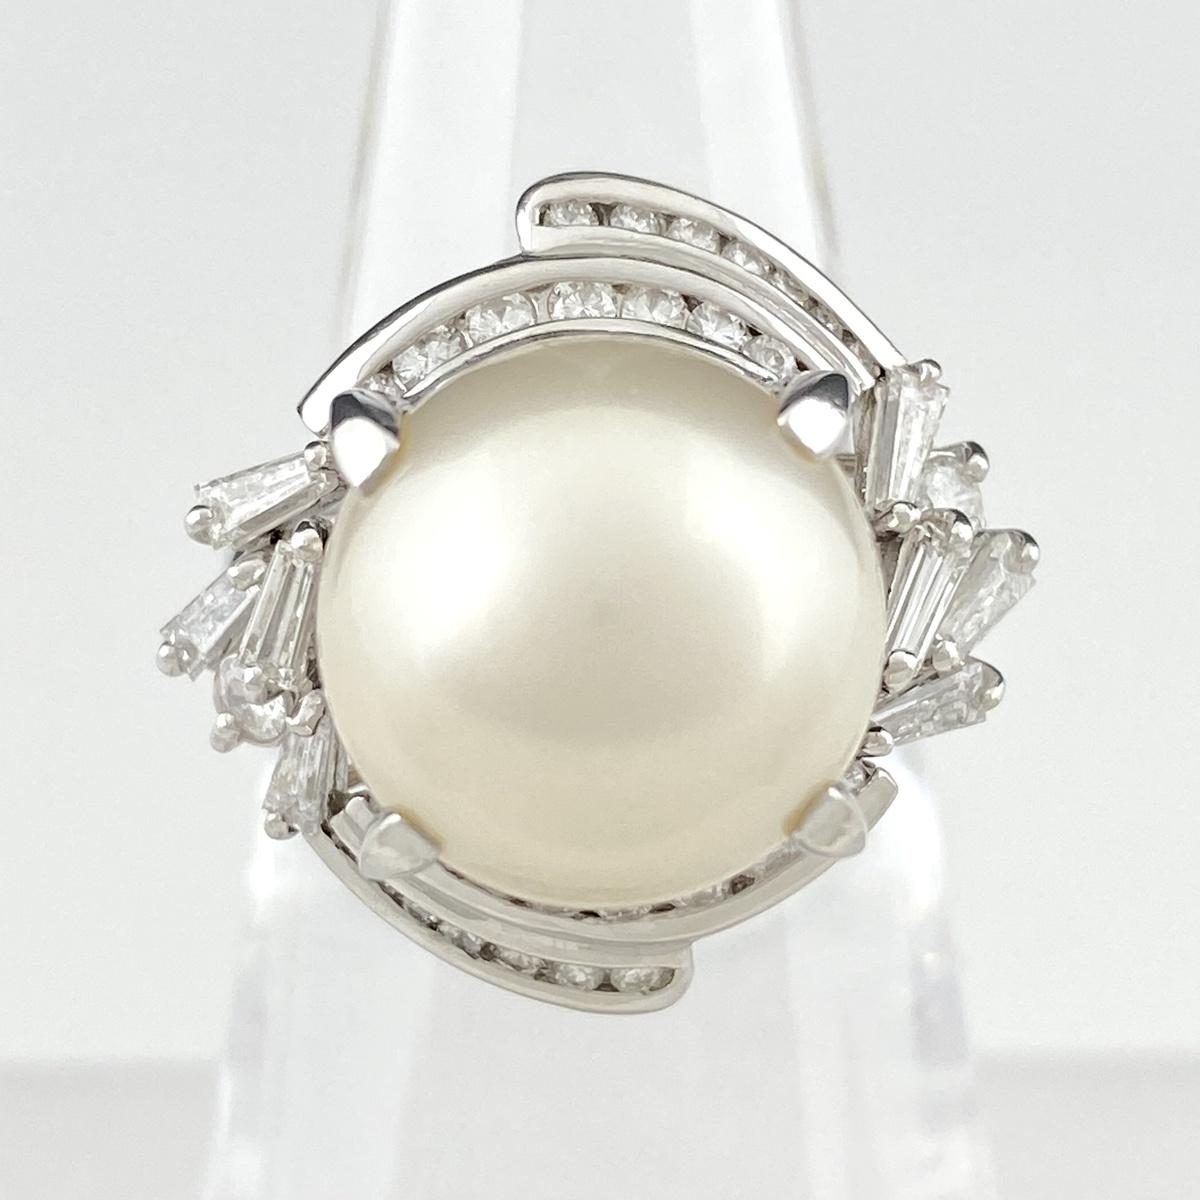 USED 送料無料 パール デザインリング プラチナ 指輪 メレダイヤ 中古 ダイヤモンド 10号 Pt850 全品最安値に挑戦 レディース リング 日本正規品